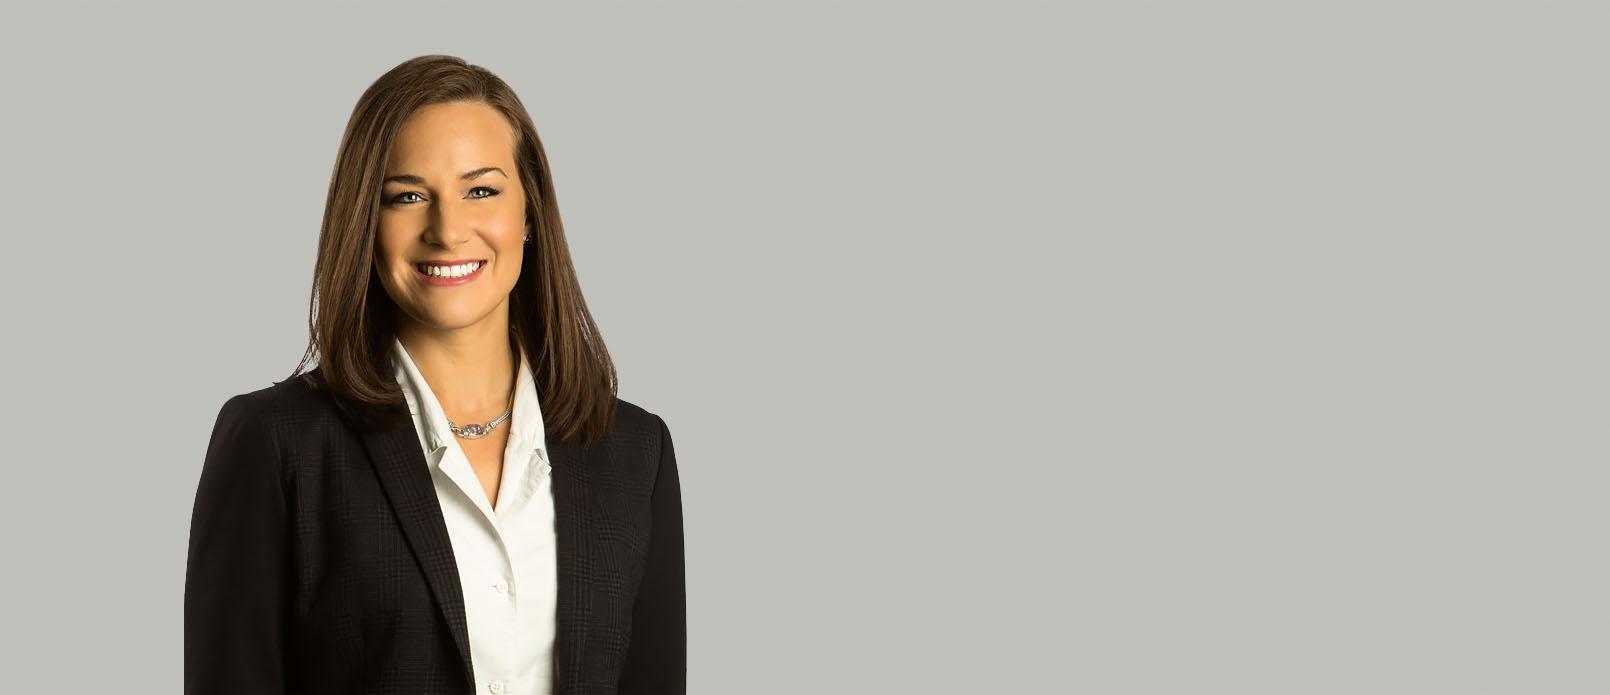 Maggie Szewczyk